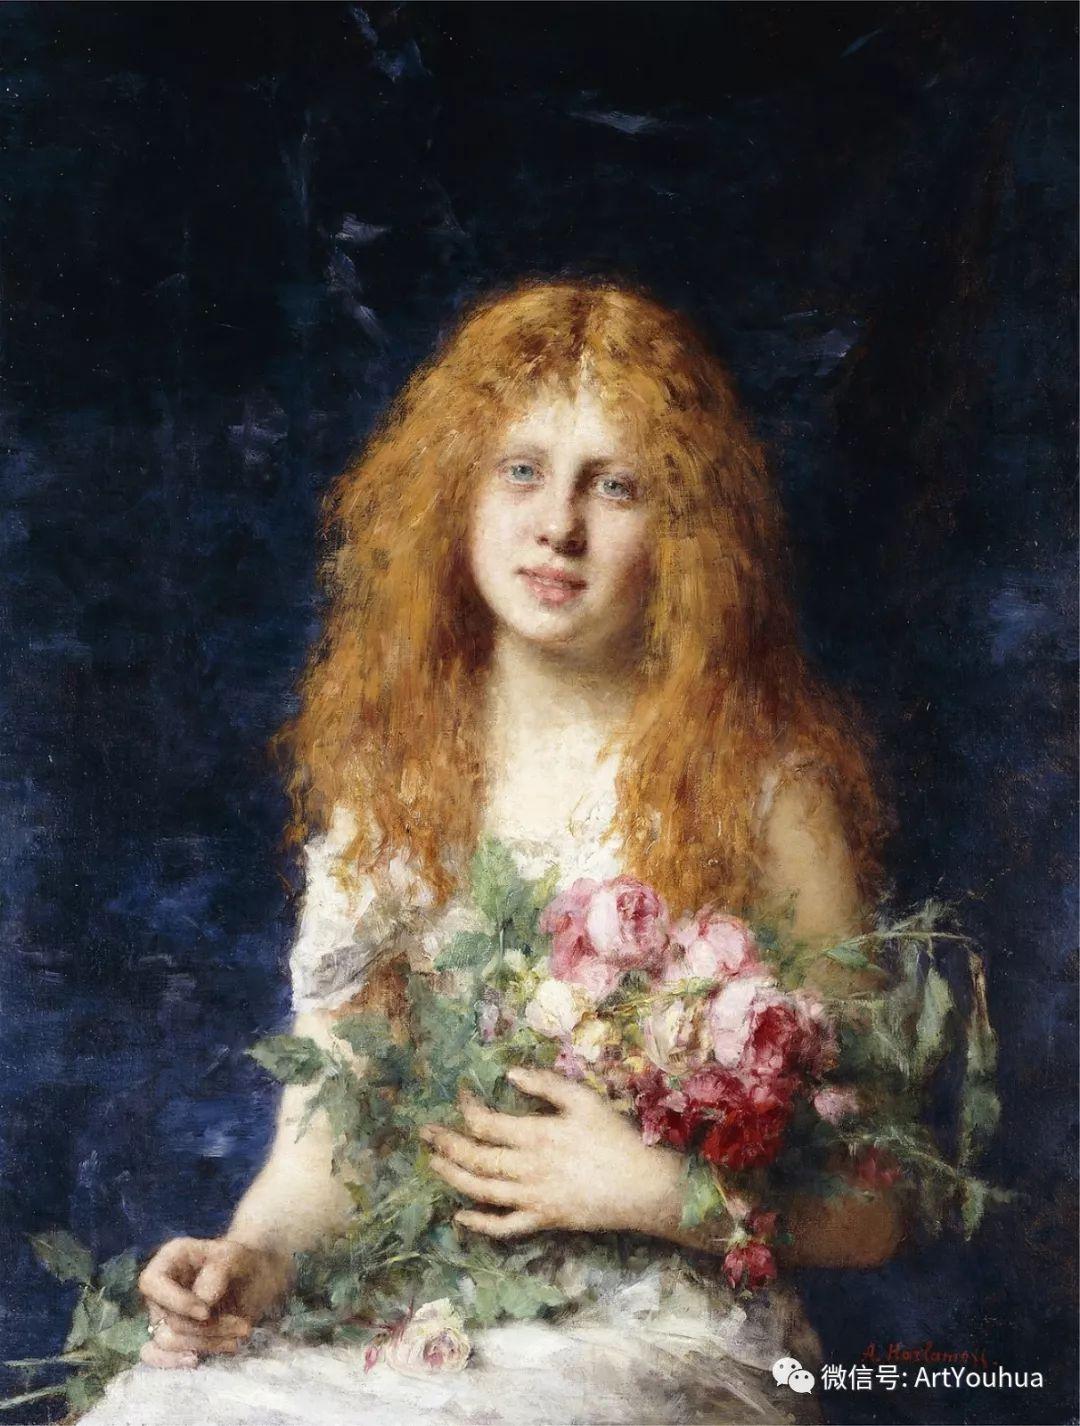 纯真少女与鲜花 美好生命的象征插图15